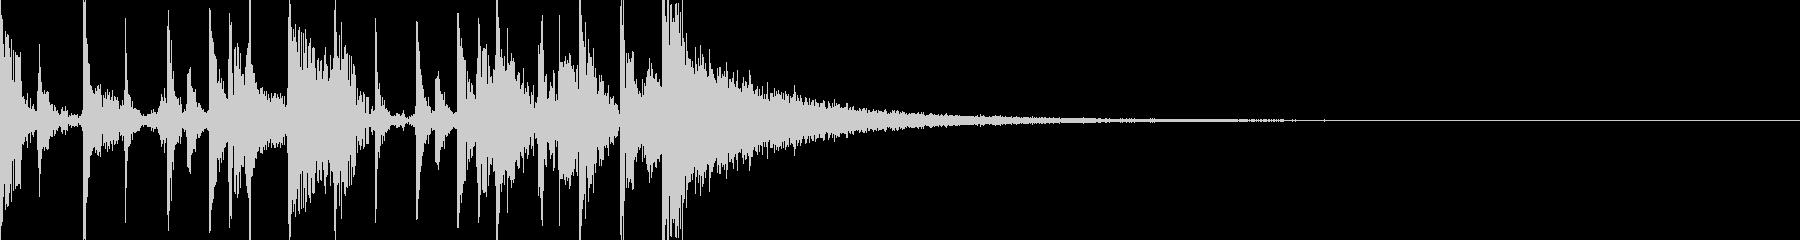 ドラムオンリーなファンファーレの未再生の波形